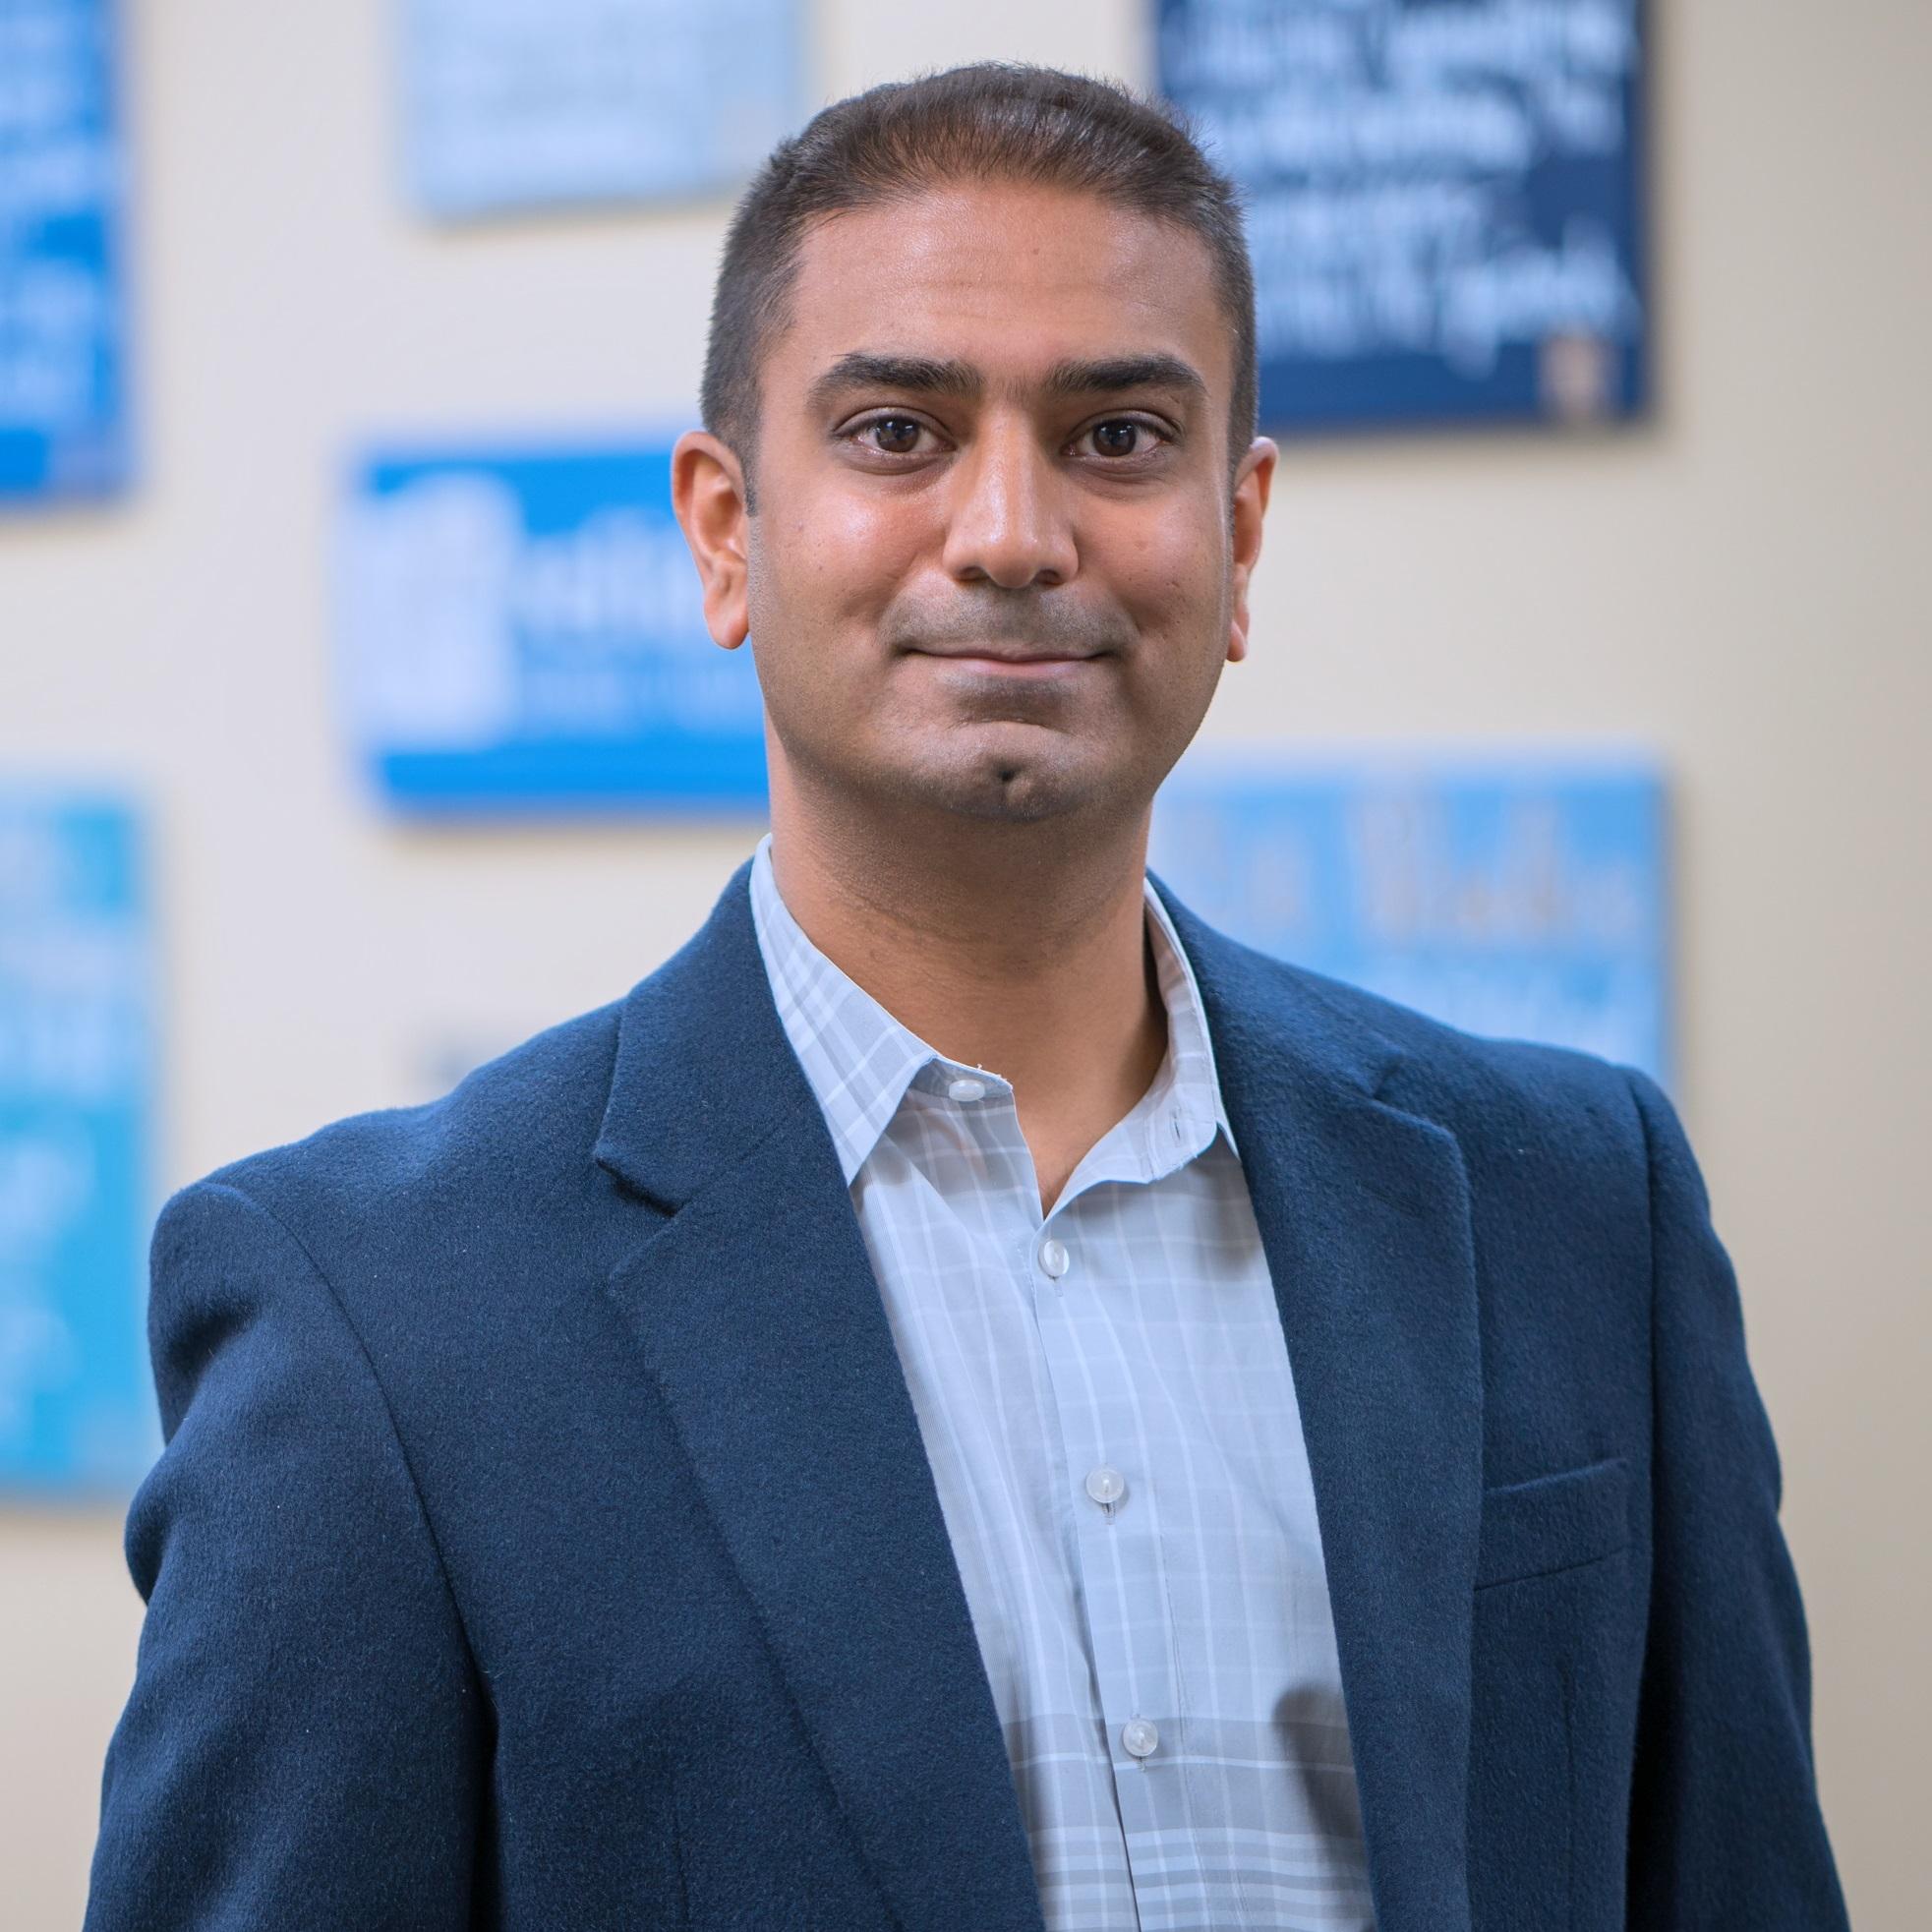 Rohul Patel, CMEA